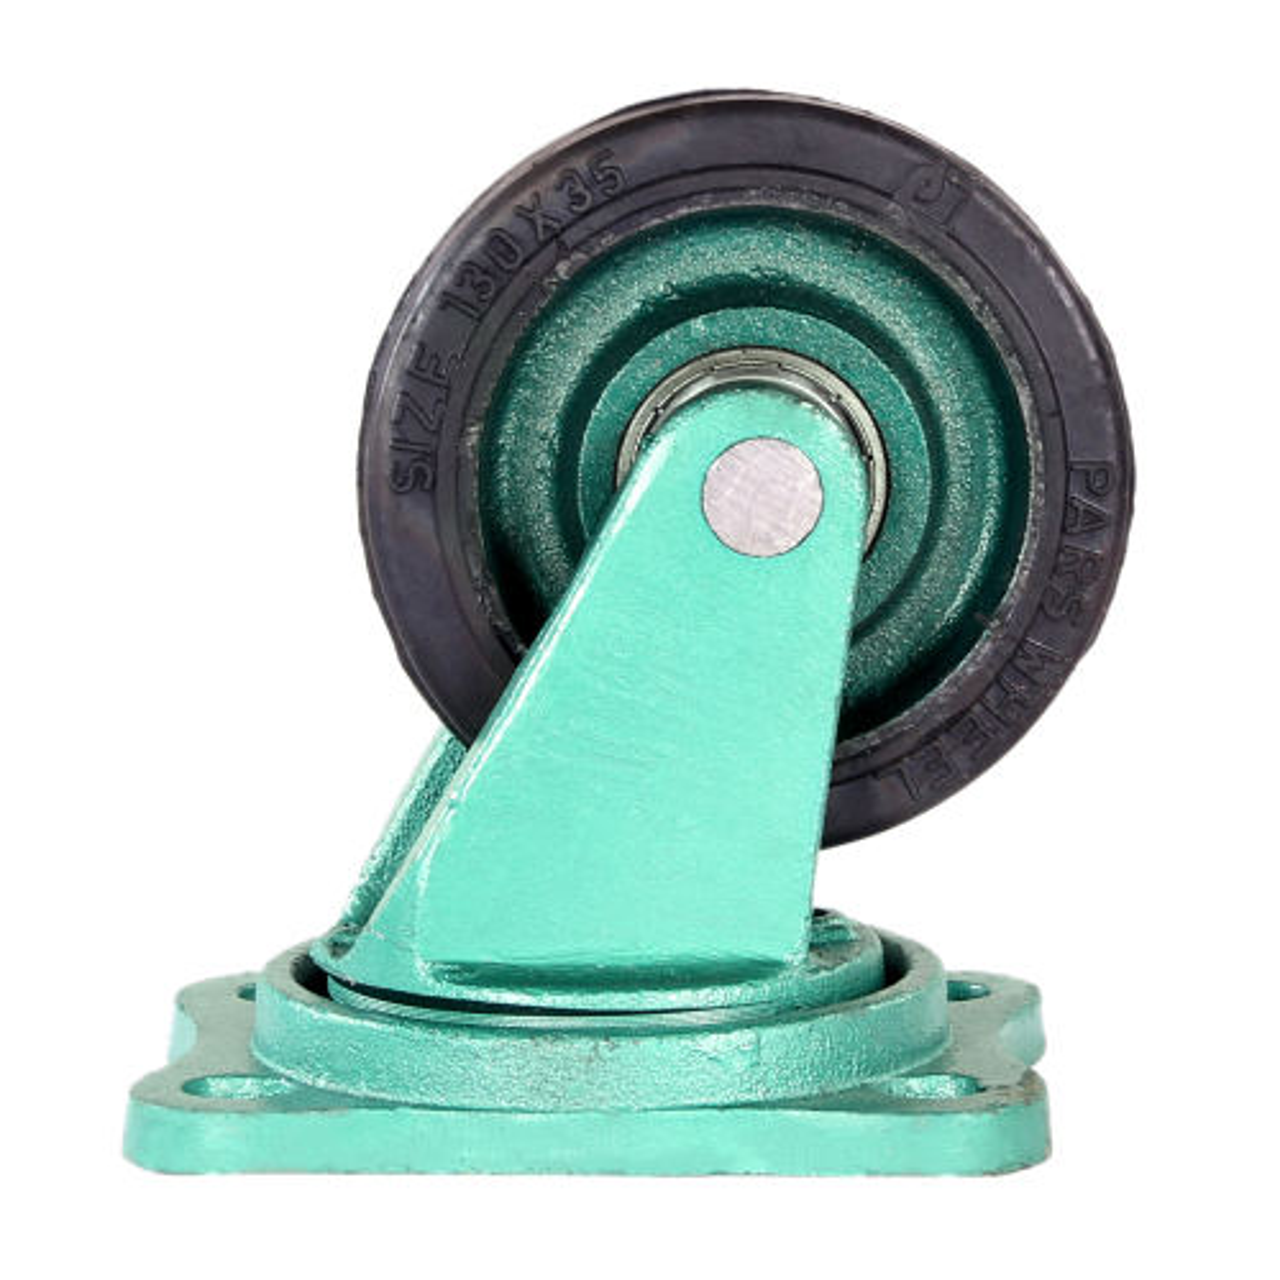 چرخ پارس گردان مدل NO:13